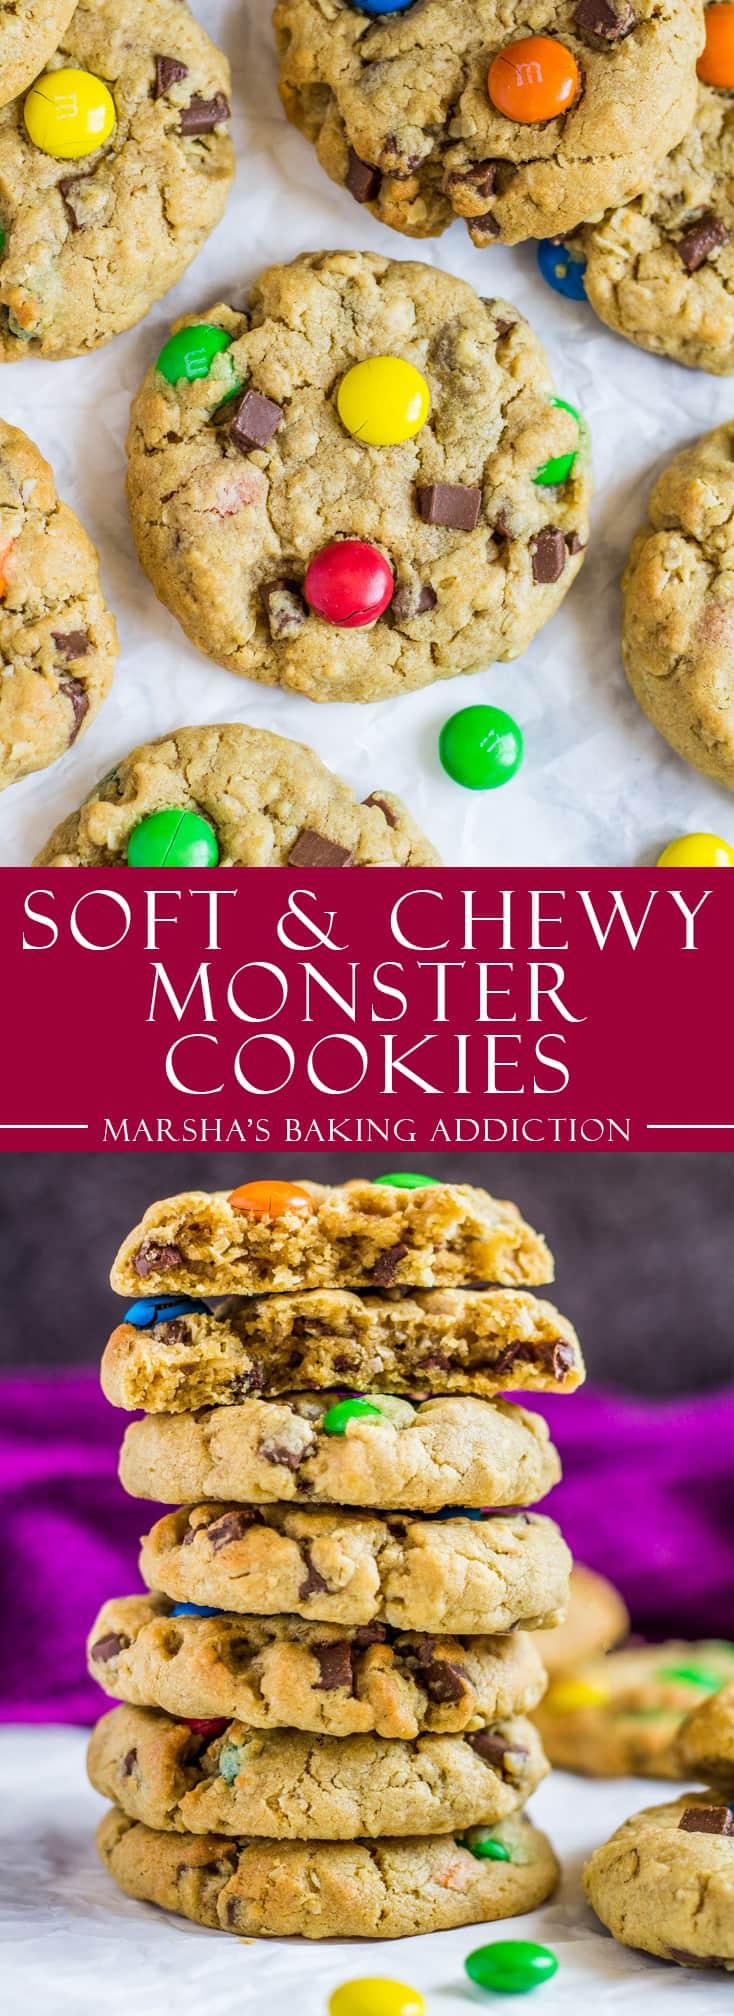 Soft and Chewy Monster Cookies | marshasbakingaddiction.com @marshasbakeblog